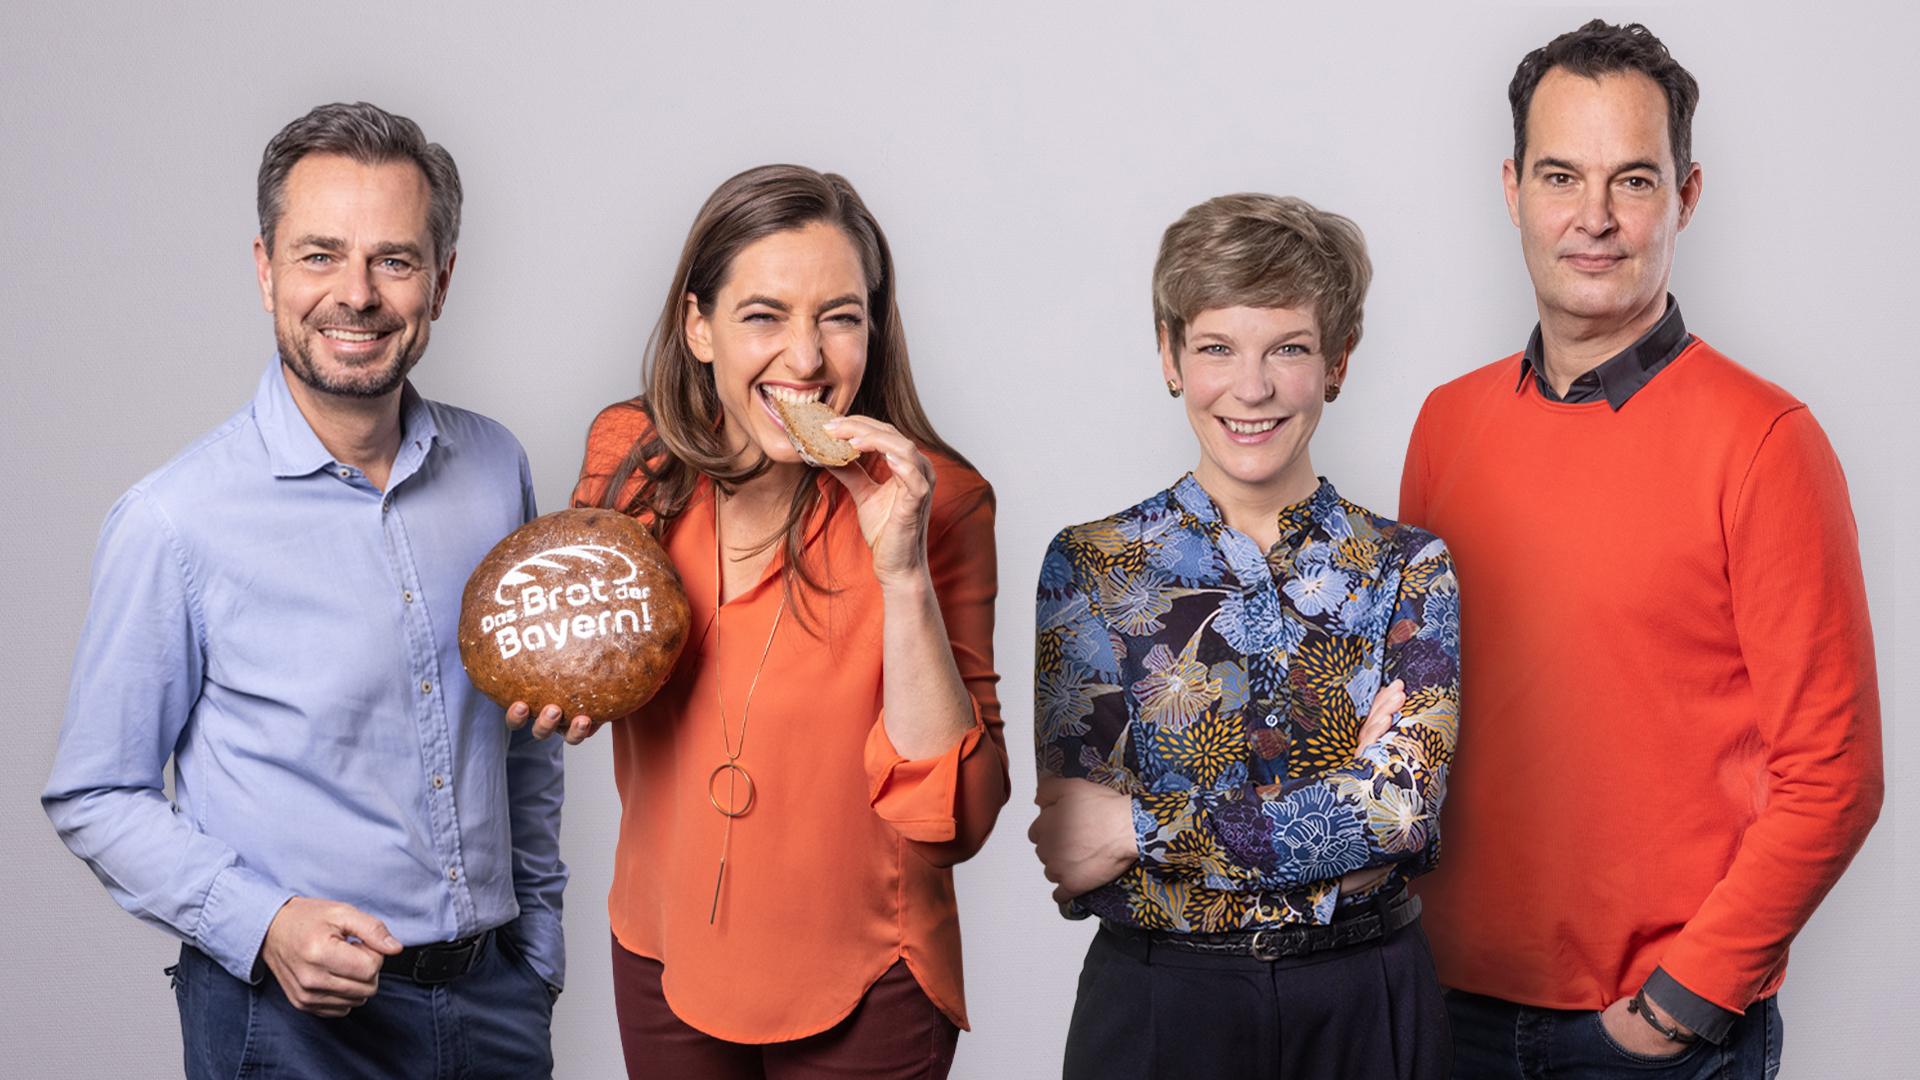 Moderatoren des Bayerischen Rundfunks mit dem Brot der Bayern